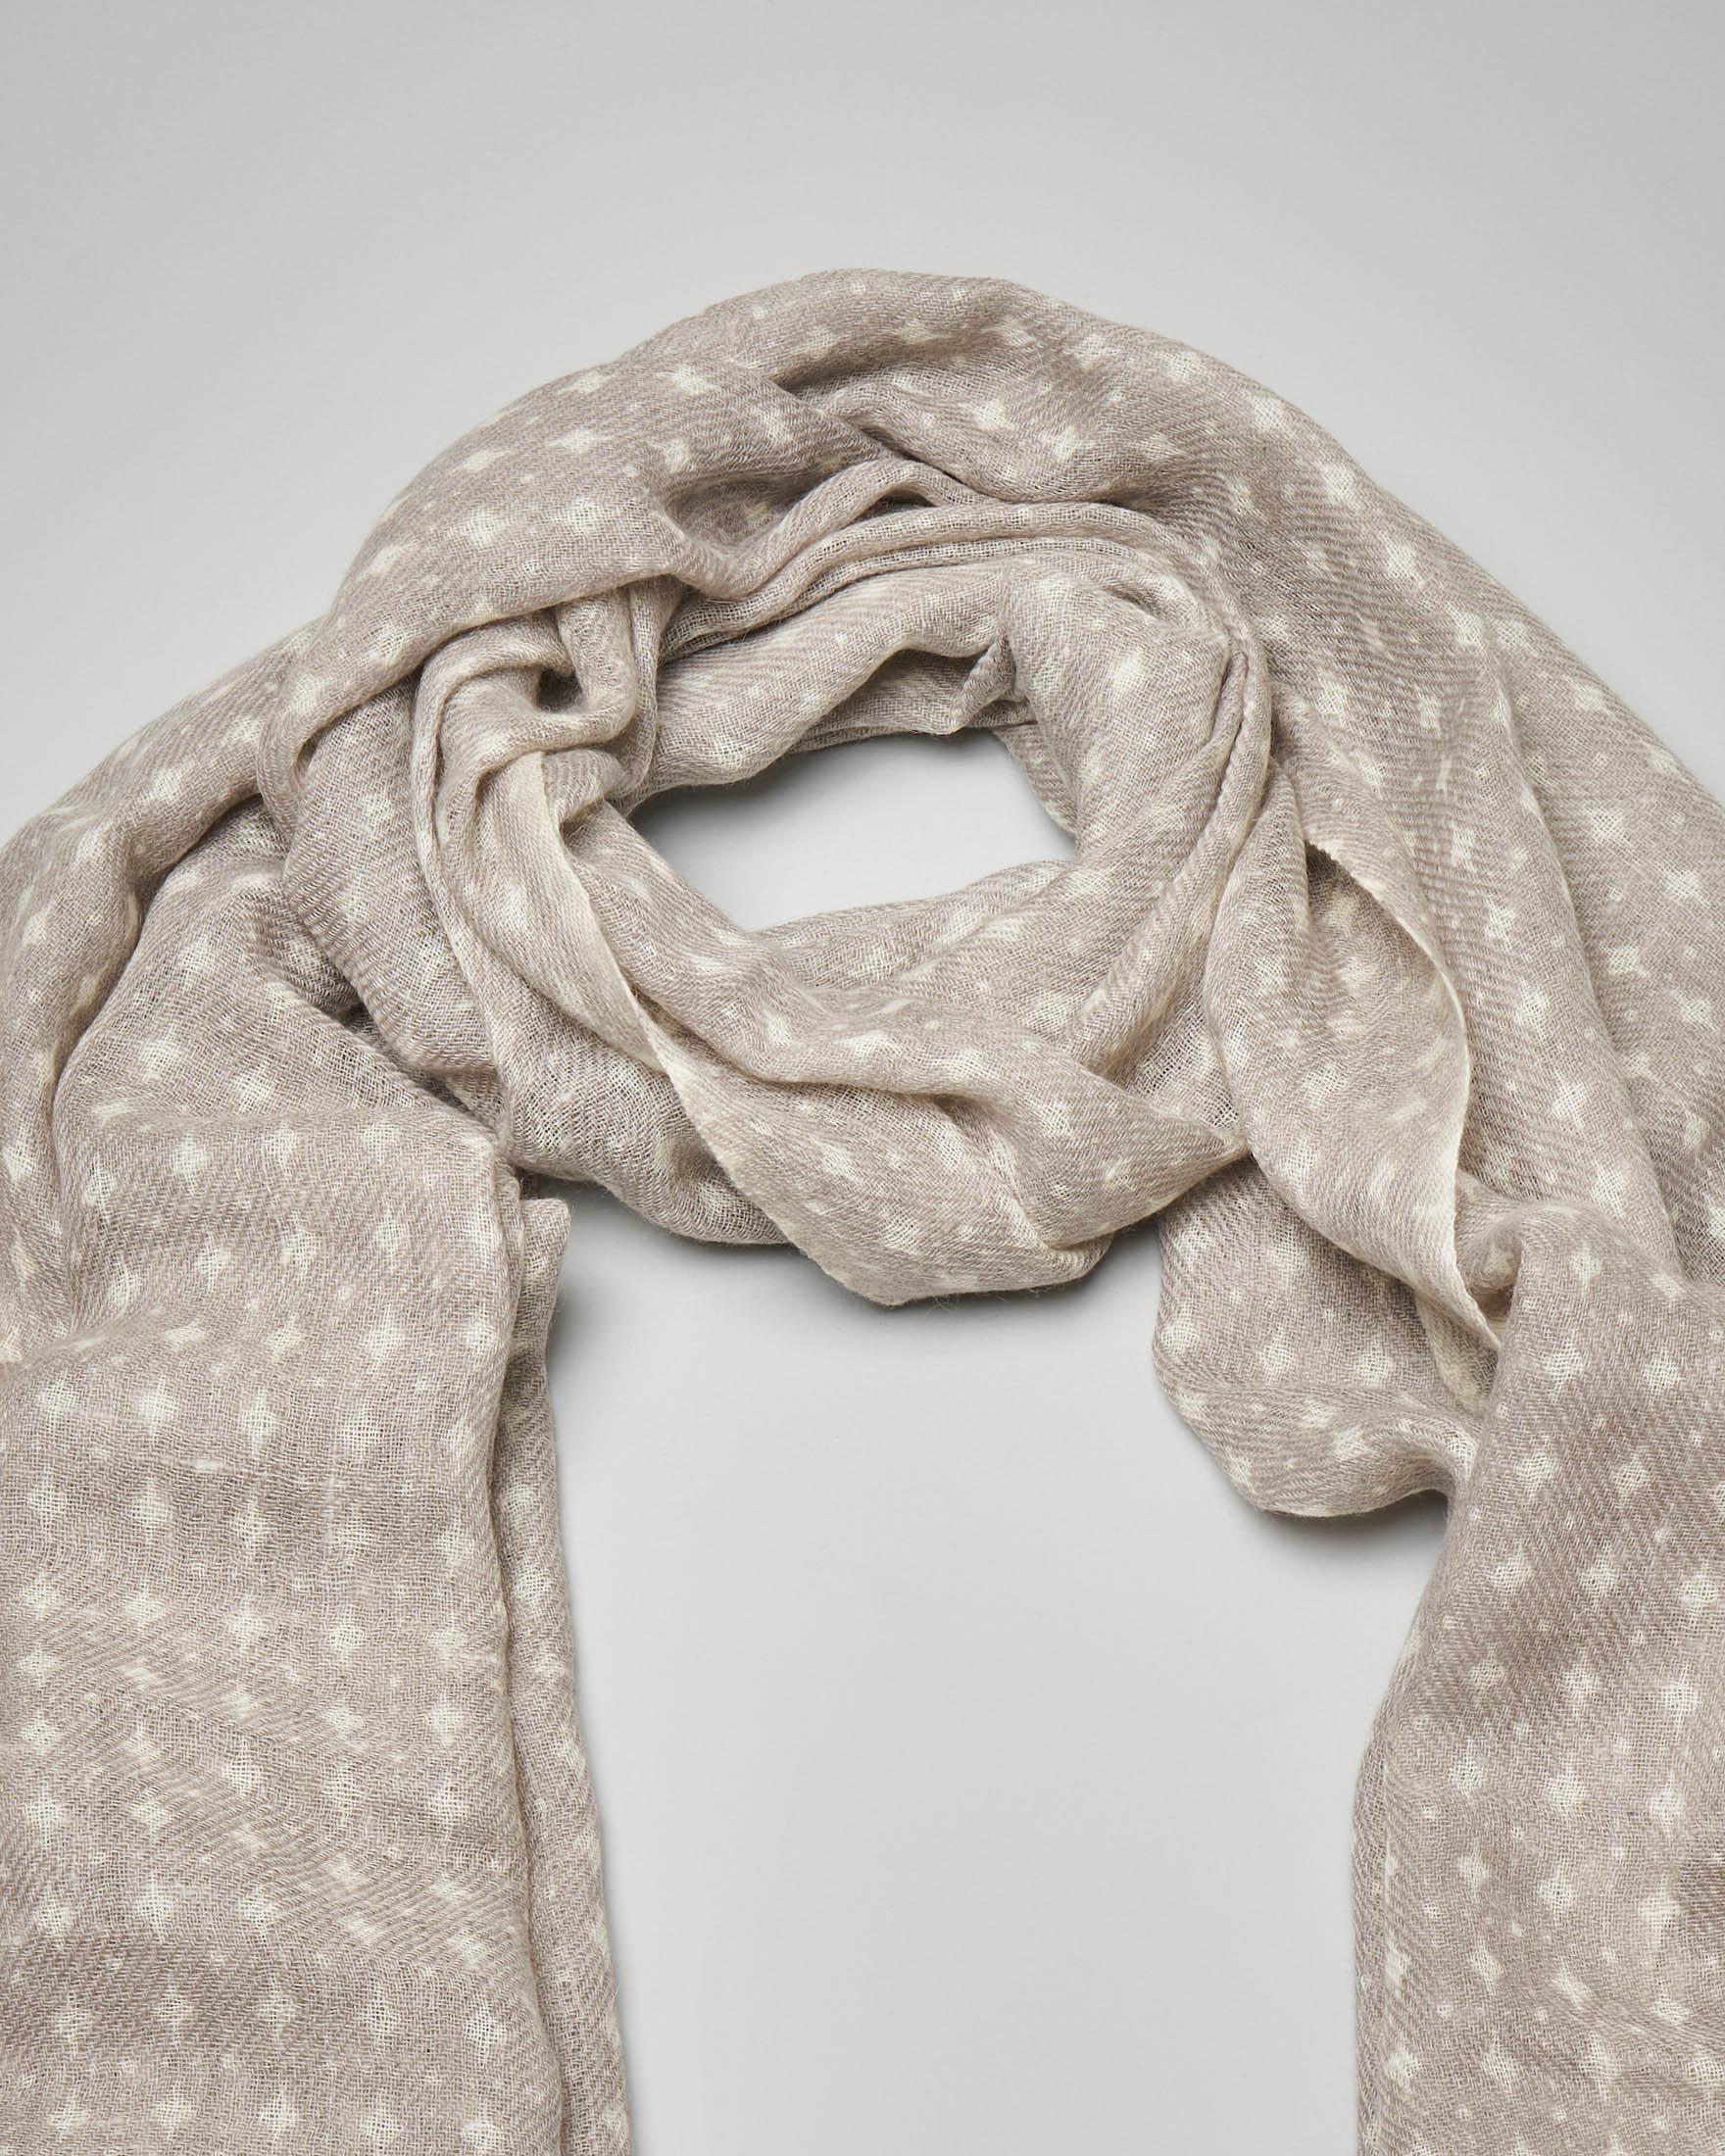 Sciarpa in lana grigio chiaro con micro disegni bianchi